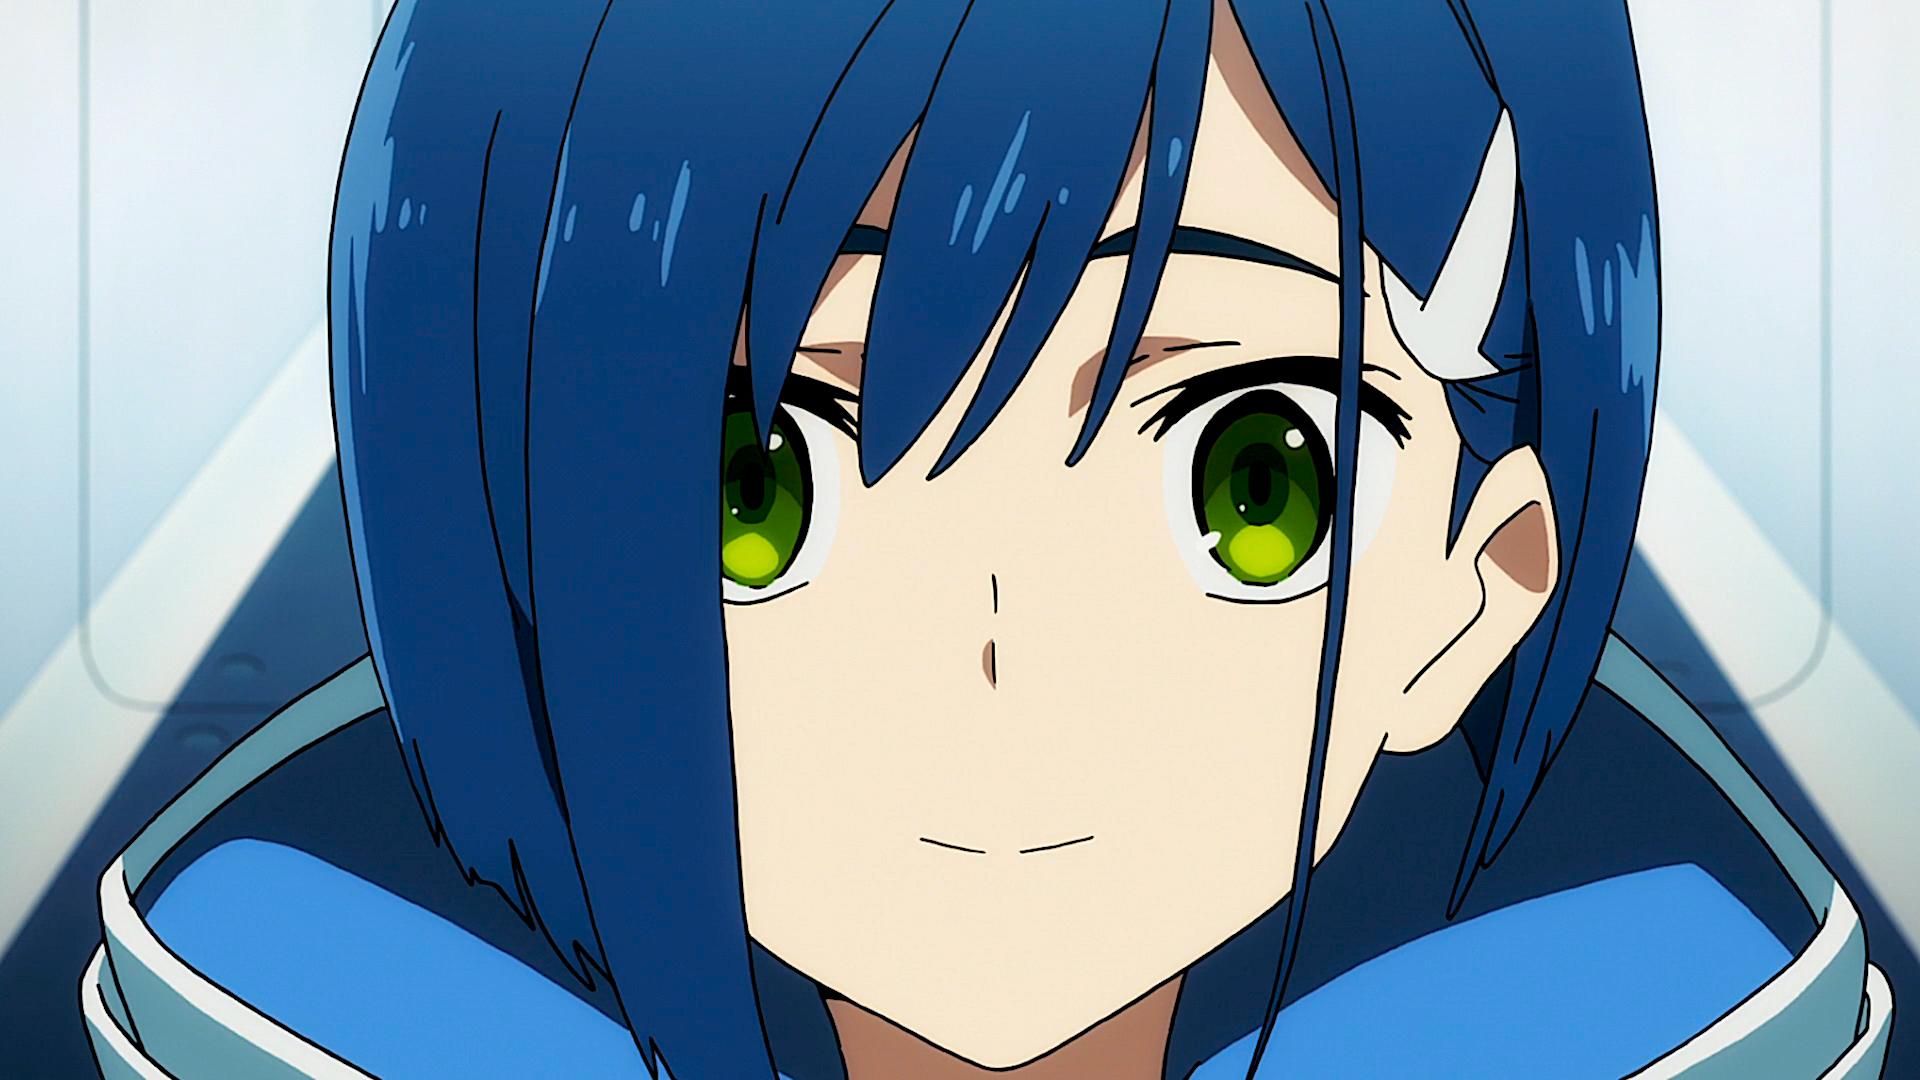 Wallpaper Anime Girls Darling In Franxx Darling In The Franxx